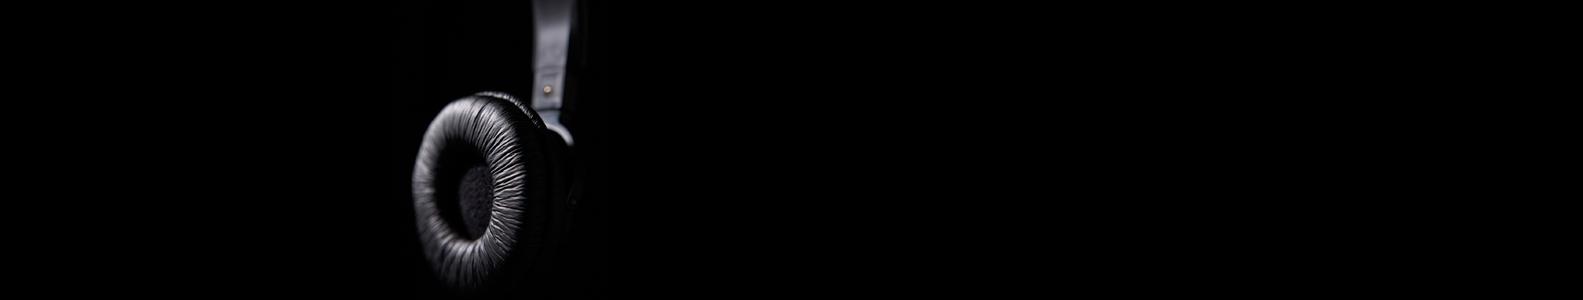 اسلایدر  صفحه داخلی